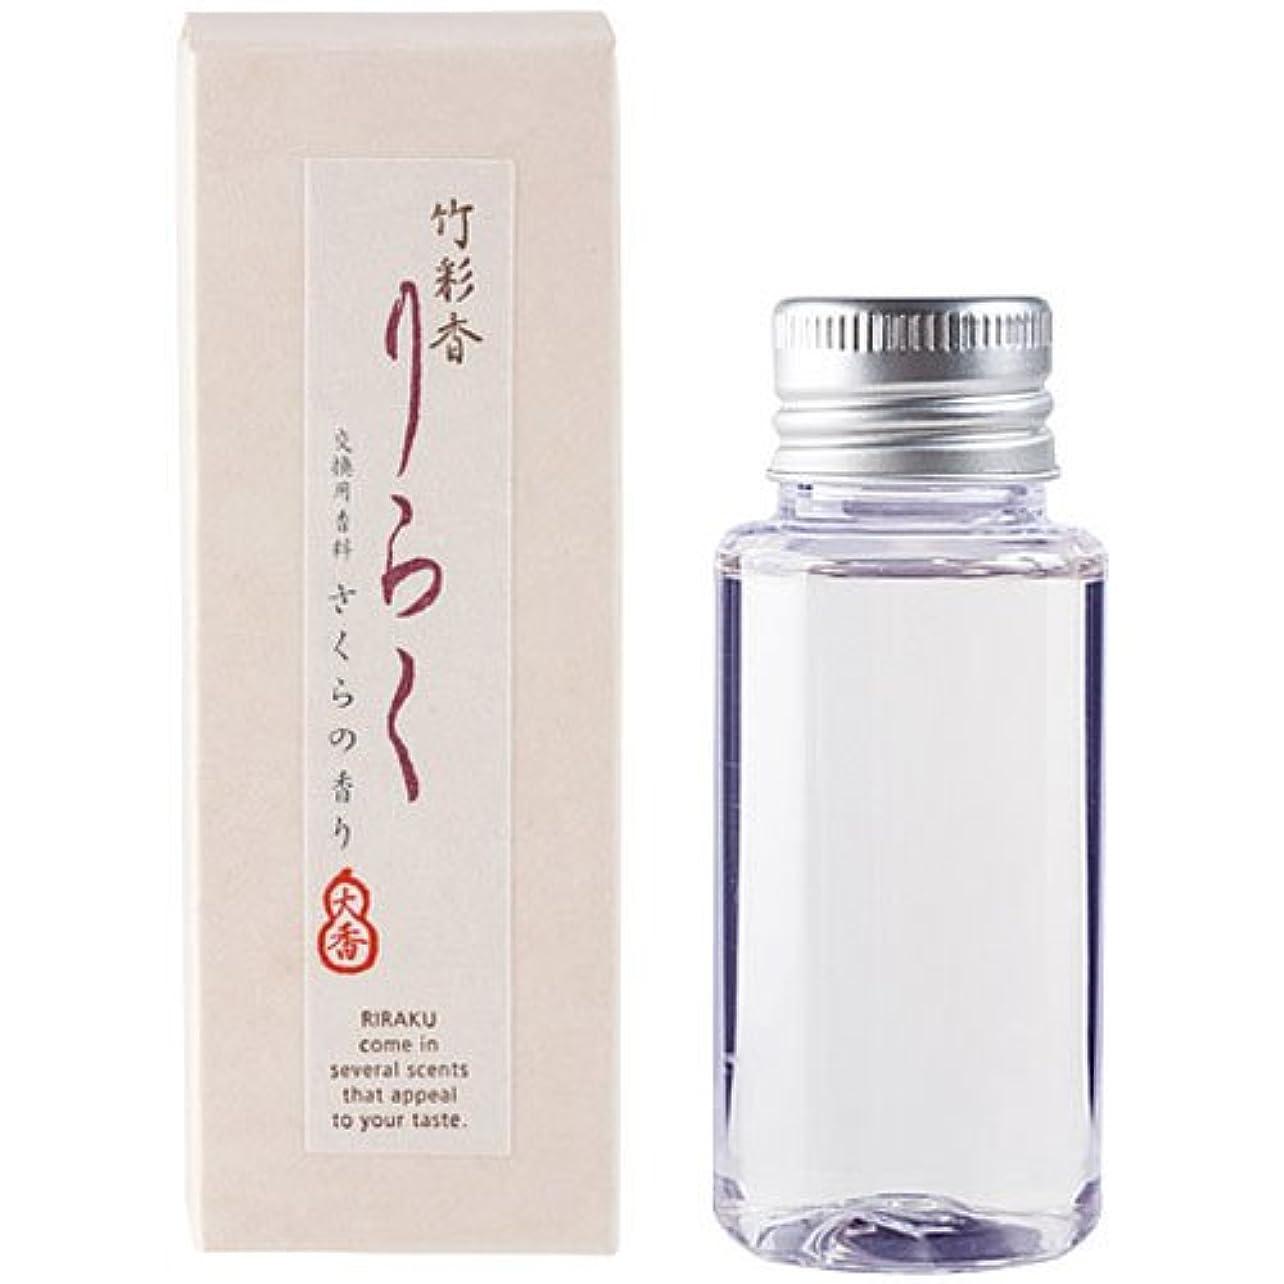 差別的毎日アクセシブル竹彩香りらく 交換用香料さくら 50ml